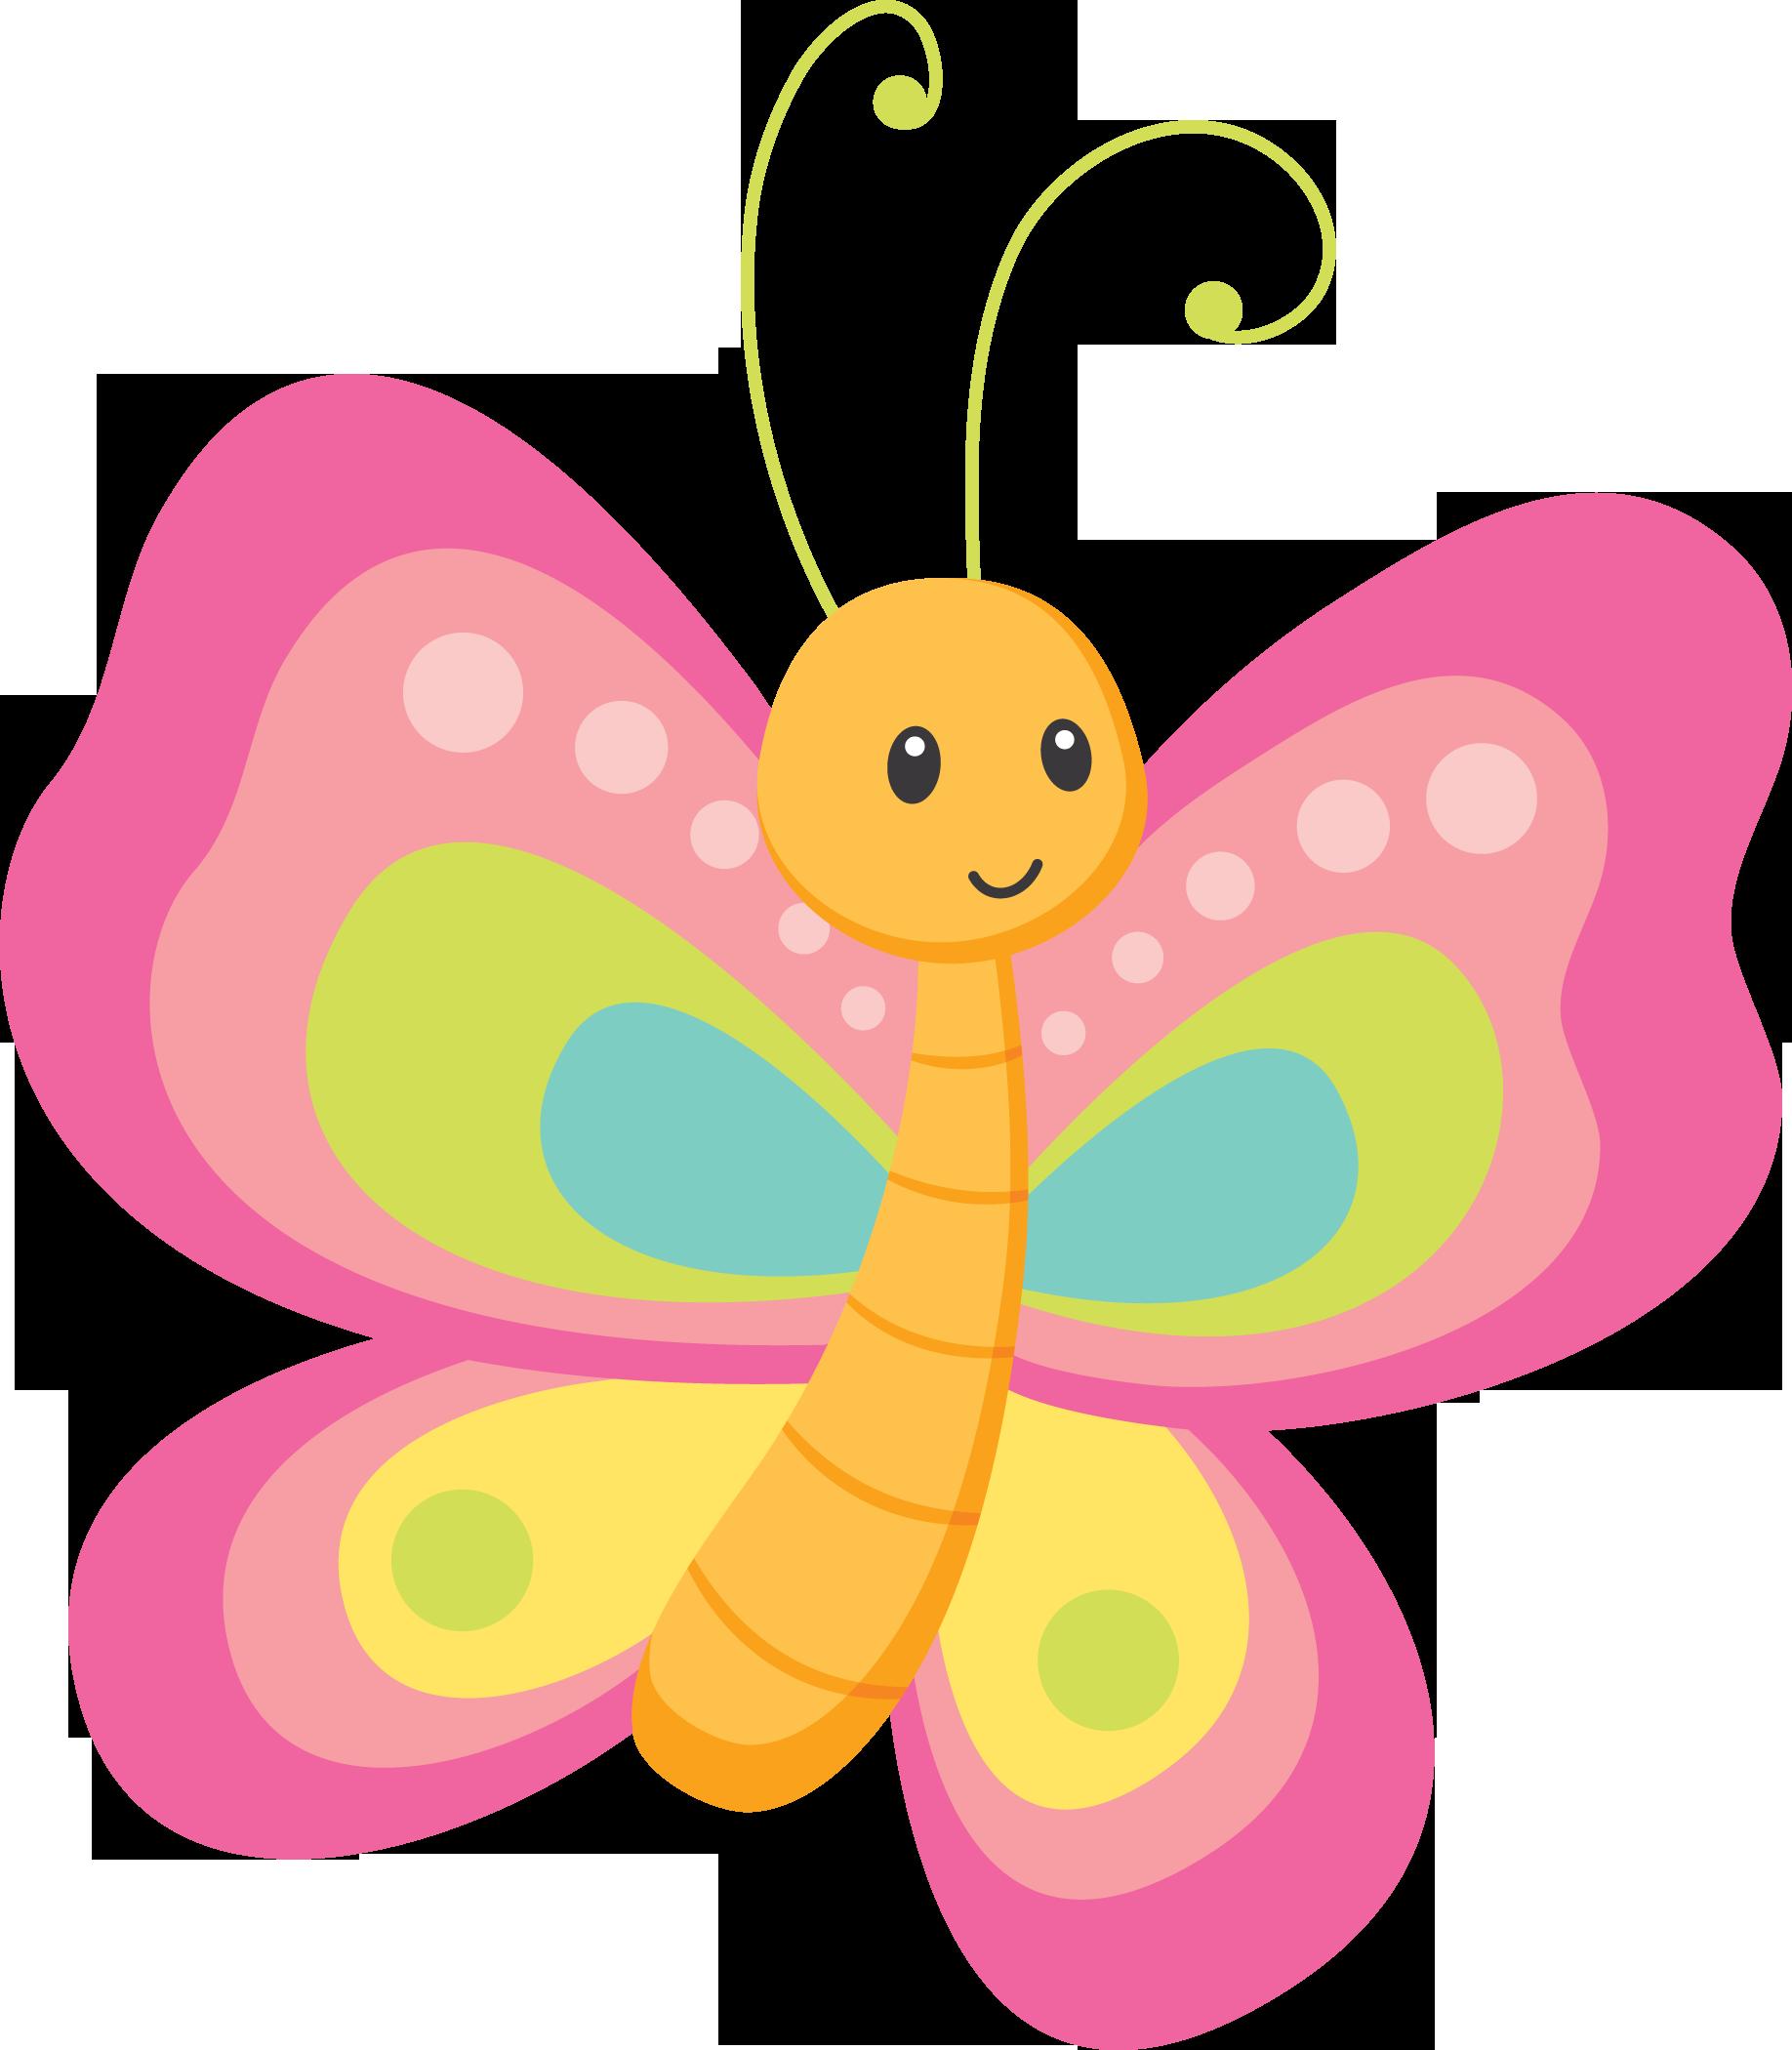 Pin by juana santander. Dragonfly clipart jungle